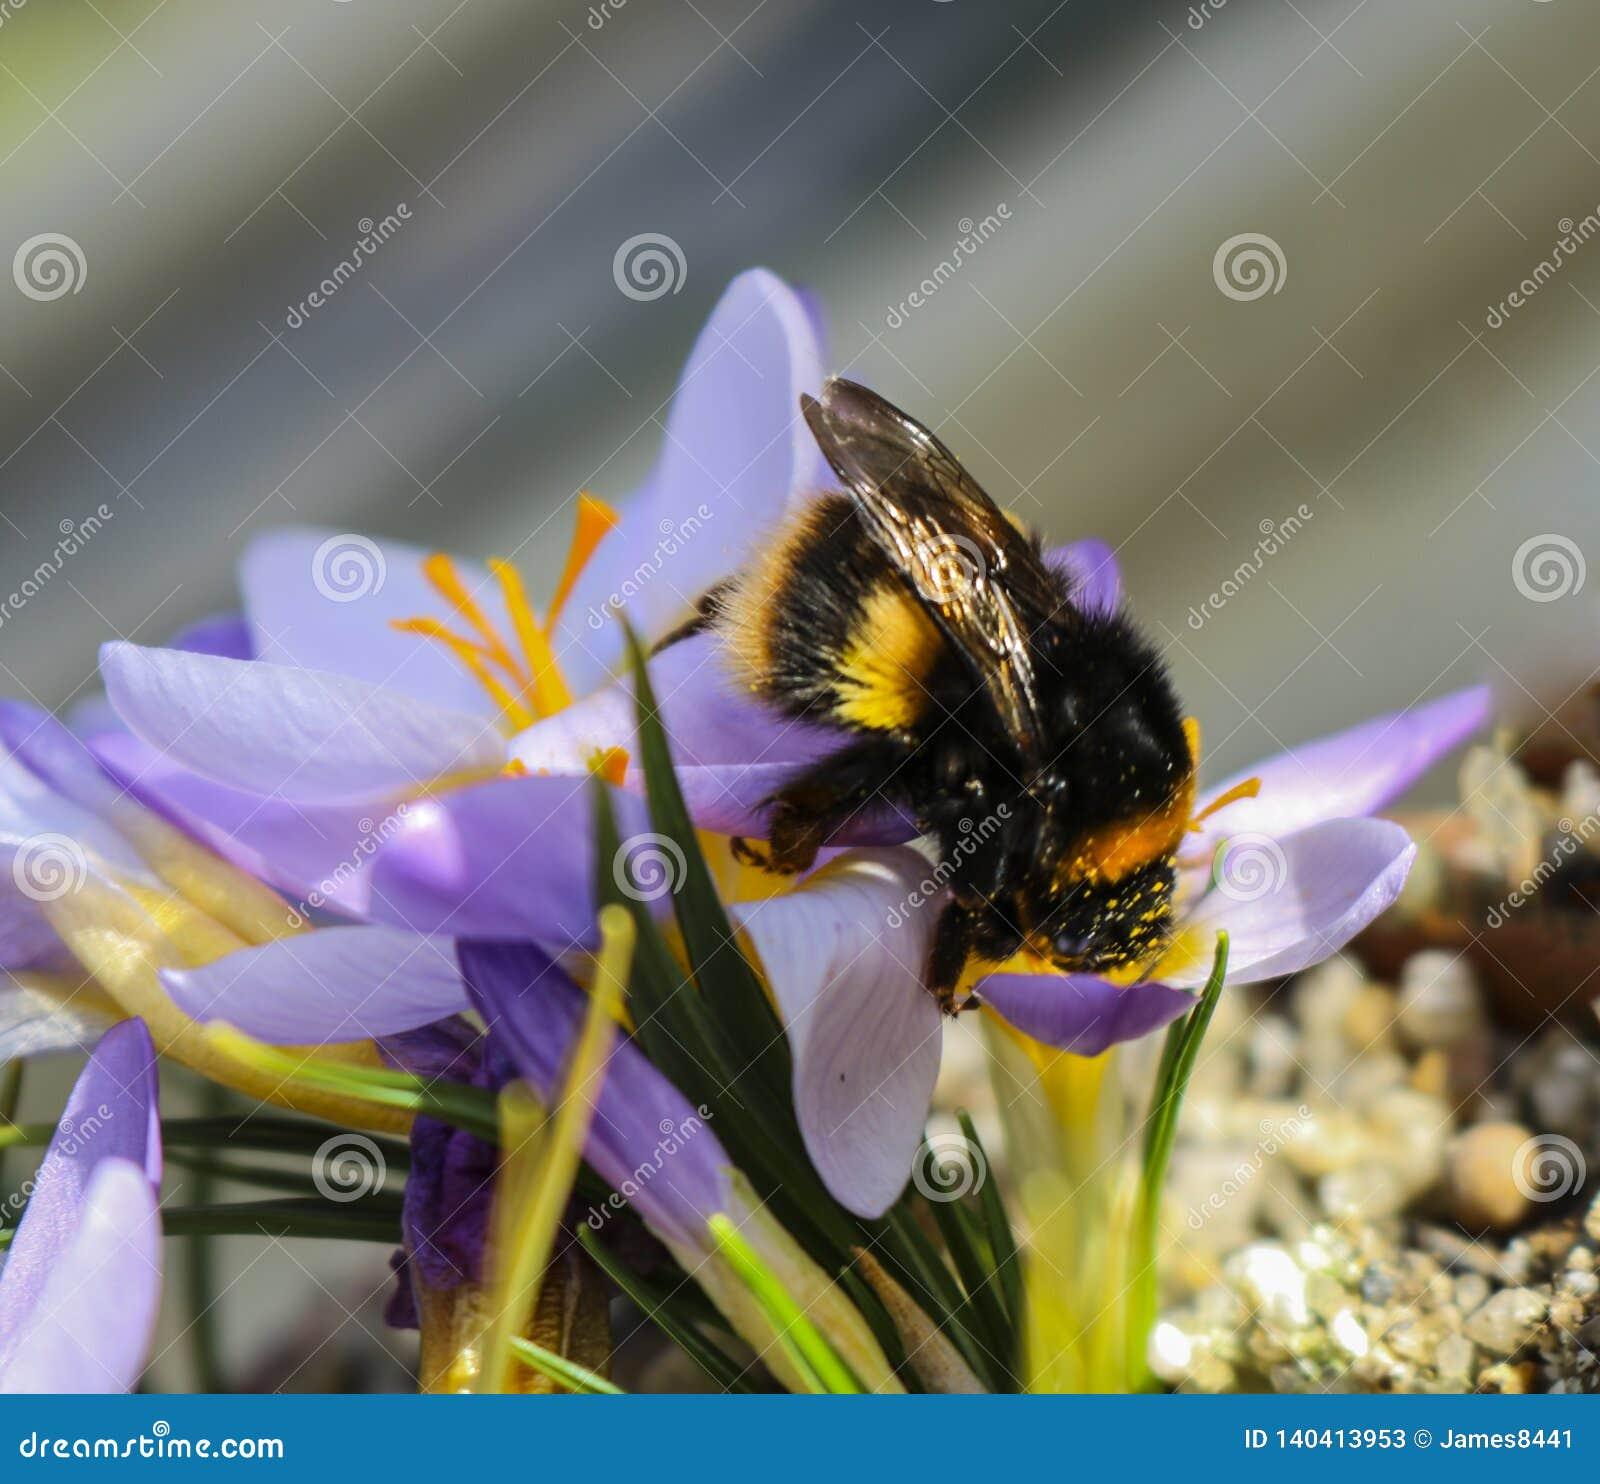 Big bee on a large violet flower